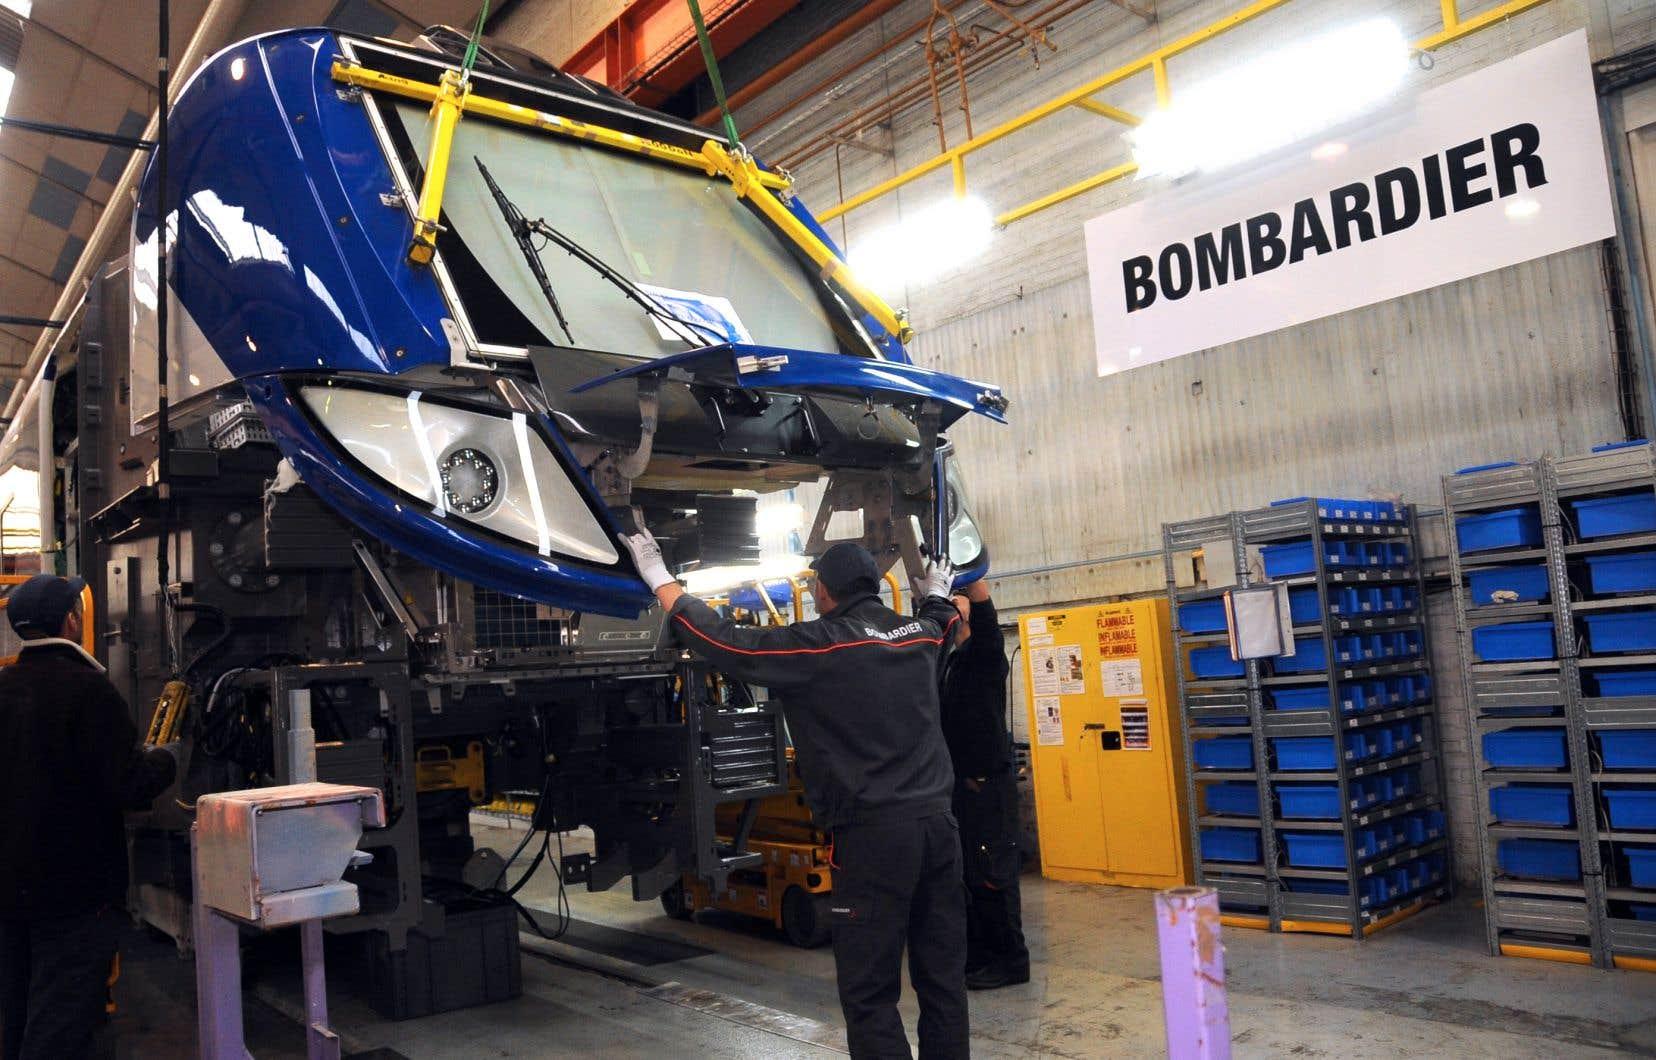 Les 365 emplois à l'usine de Bombardier à La Pocatière devraient être maintenus, et une expansion est même envisagée par Alstom.